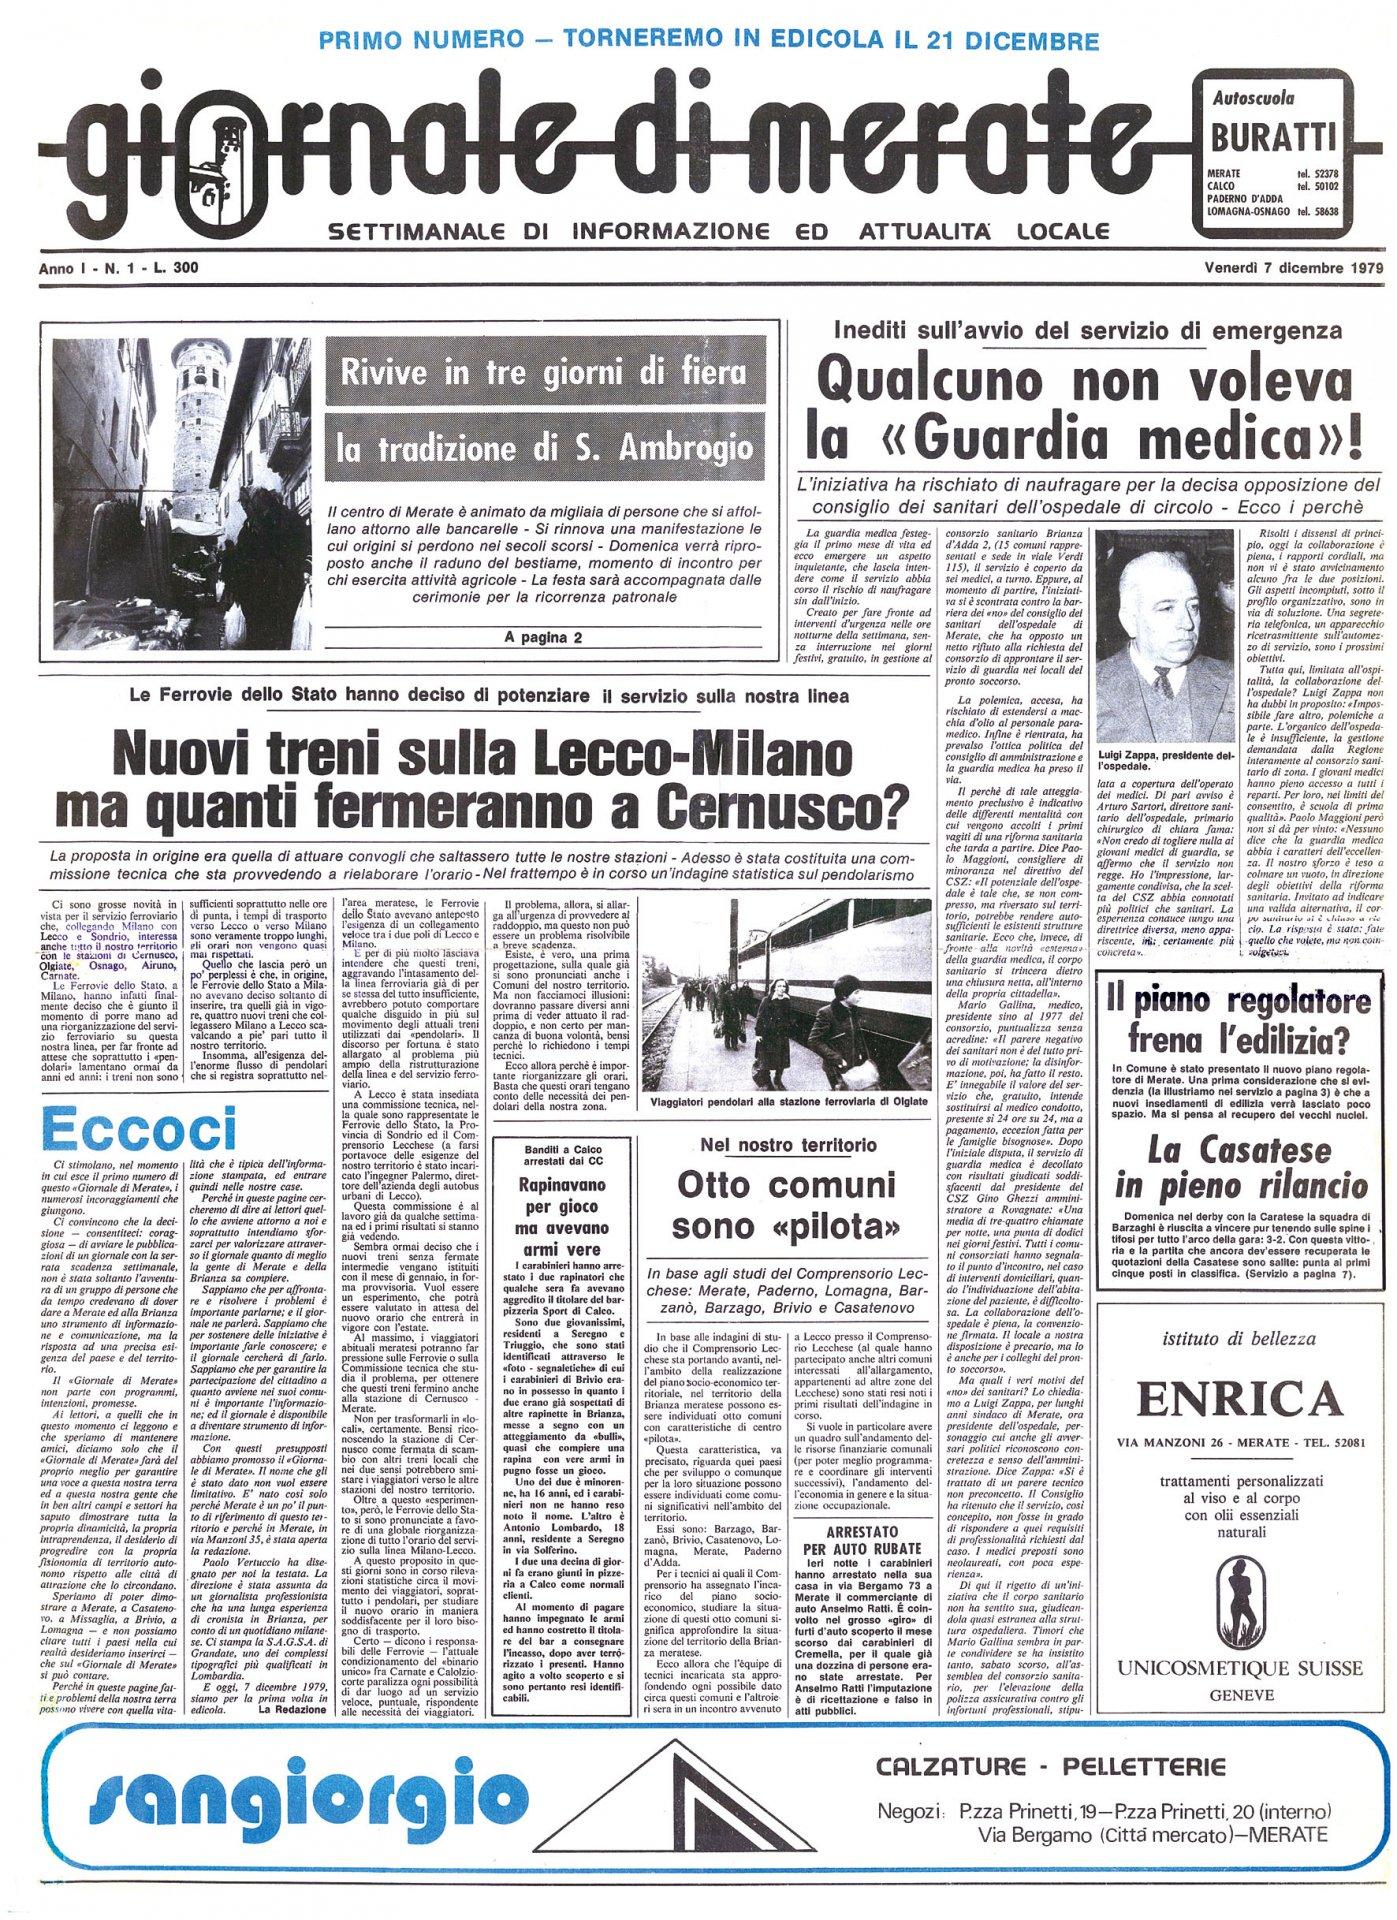 Amica Compie 40 Anni il giornale di merate compie 40 anni: stasera l'evento al